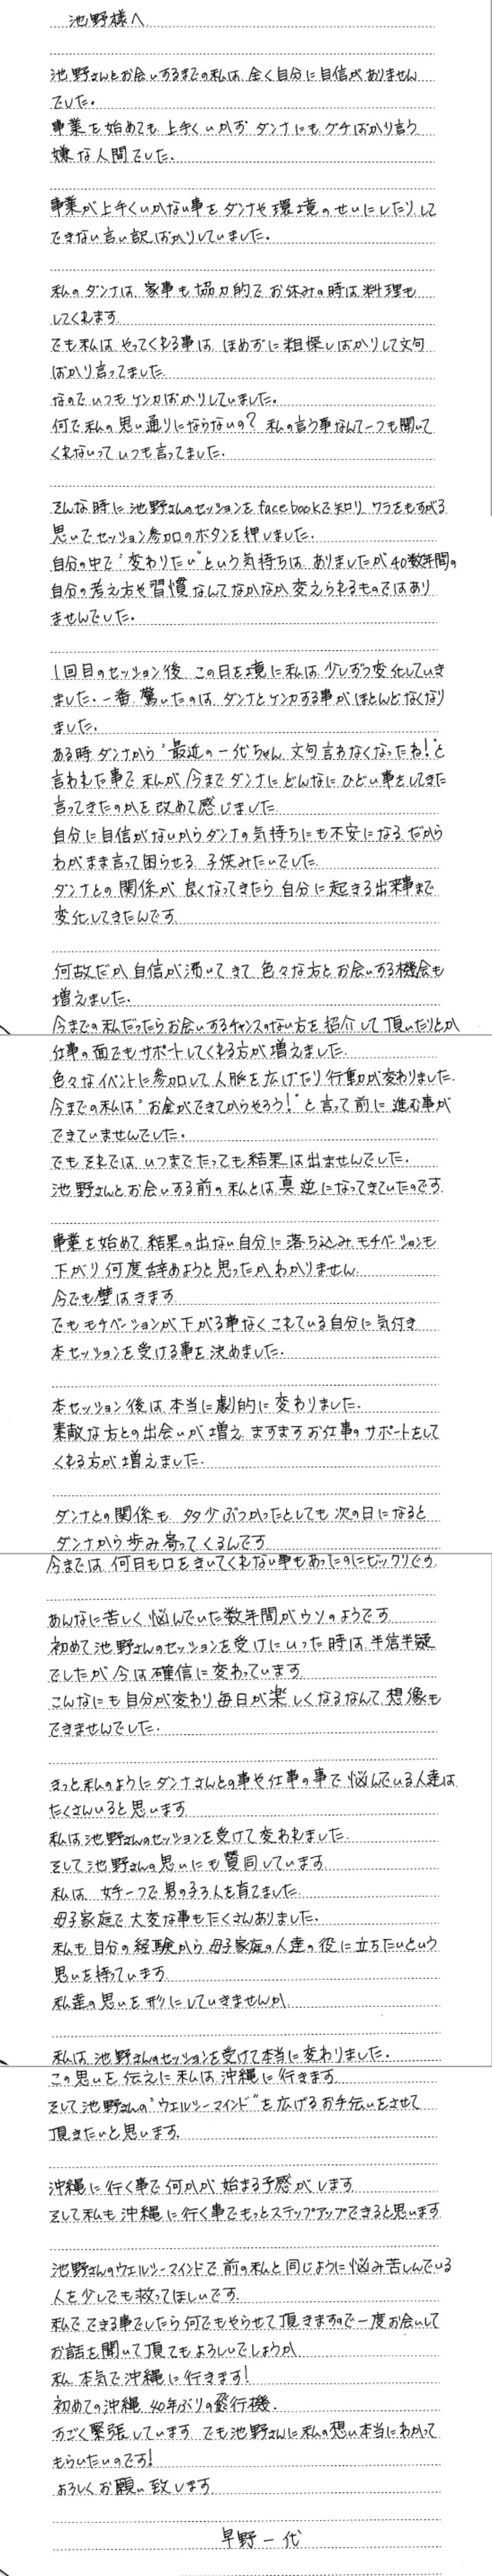 早野一代様からのお手紙